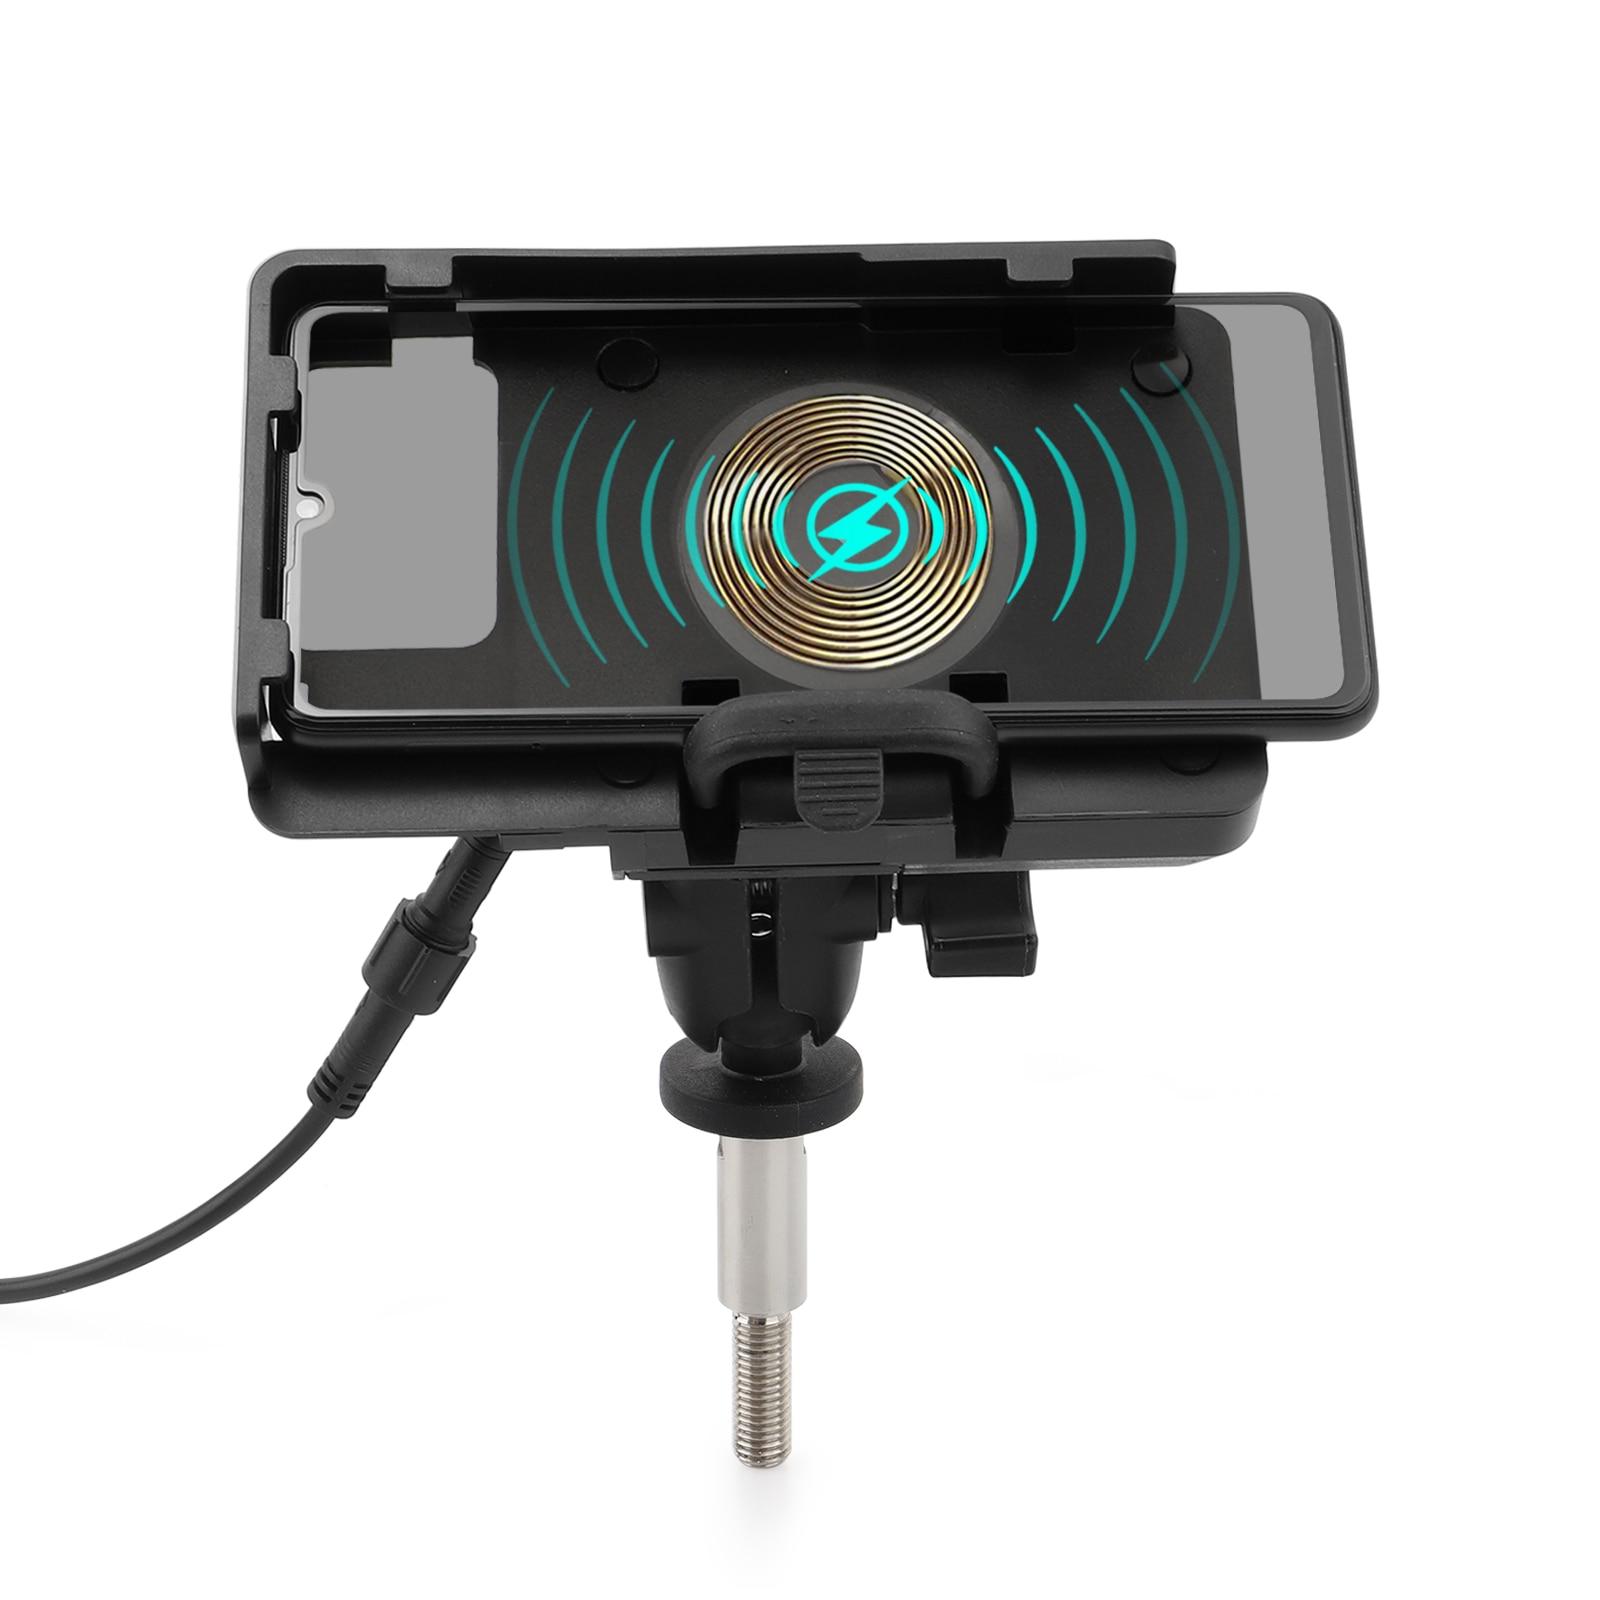 ل BMW K1600GT K1600GTL R1200RT R1200RT LC R1250RT نظام تحديد المواقع العالمي للدراجات البخارية حامل هاتف المحمول 2 في 1 لاسلكية/USB حامل شاحن سريع